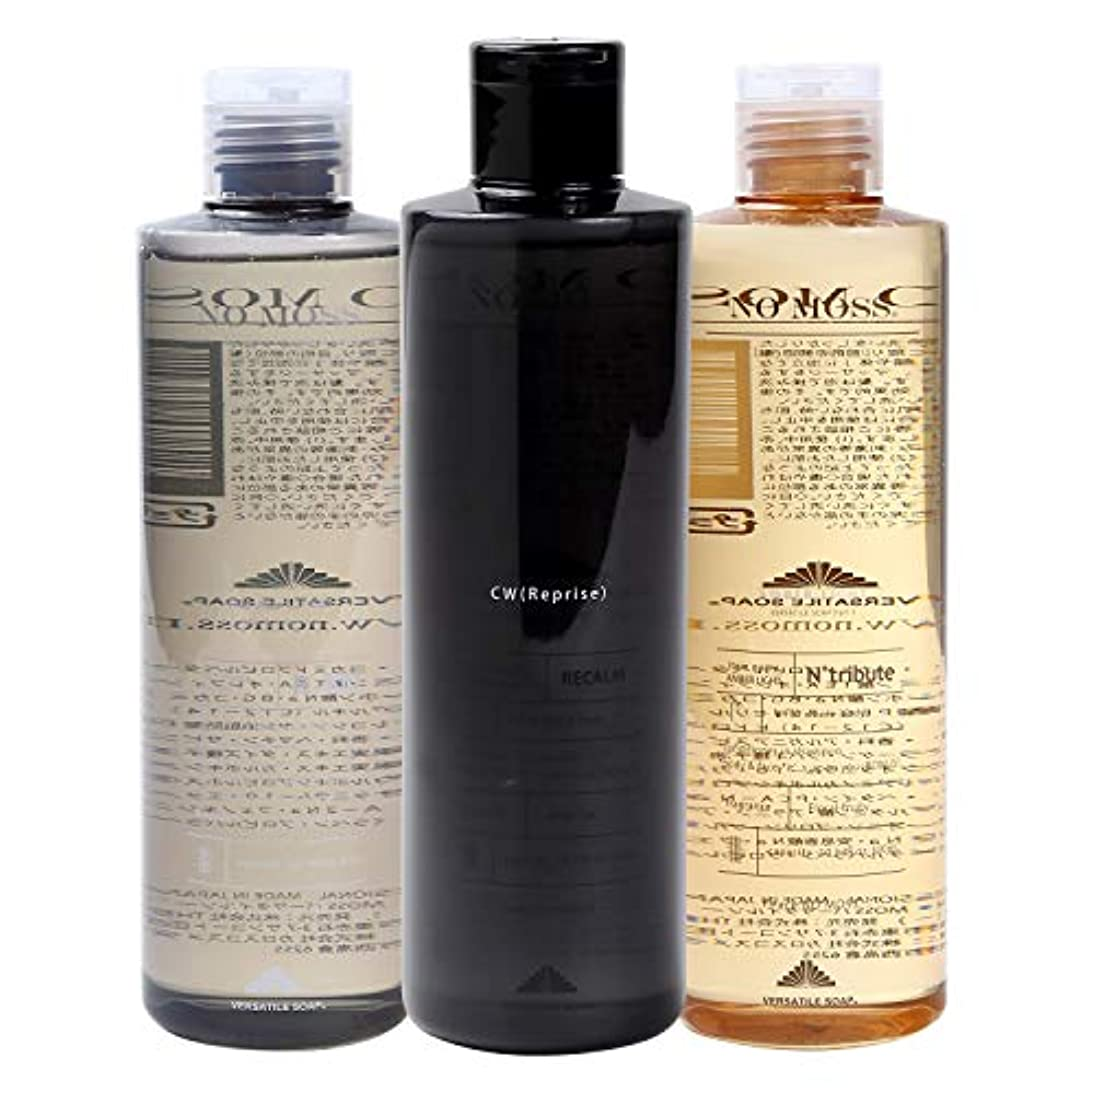 狭い大洪水乳白色NO MOSS VERSATILE SOAP(ノーモス バーサタイル ソープ) 300ml FULLセット